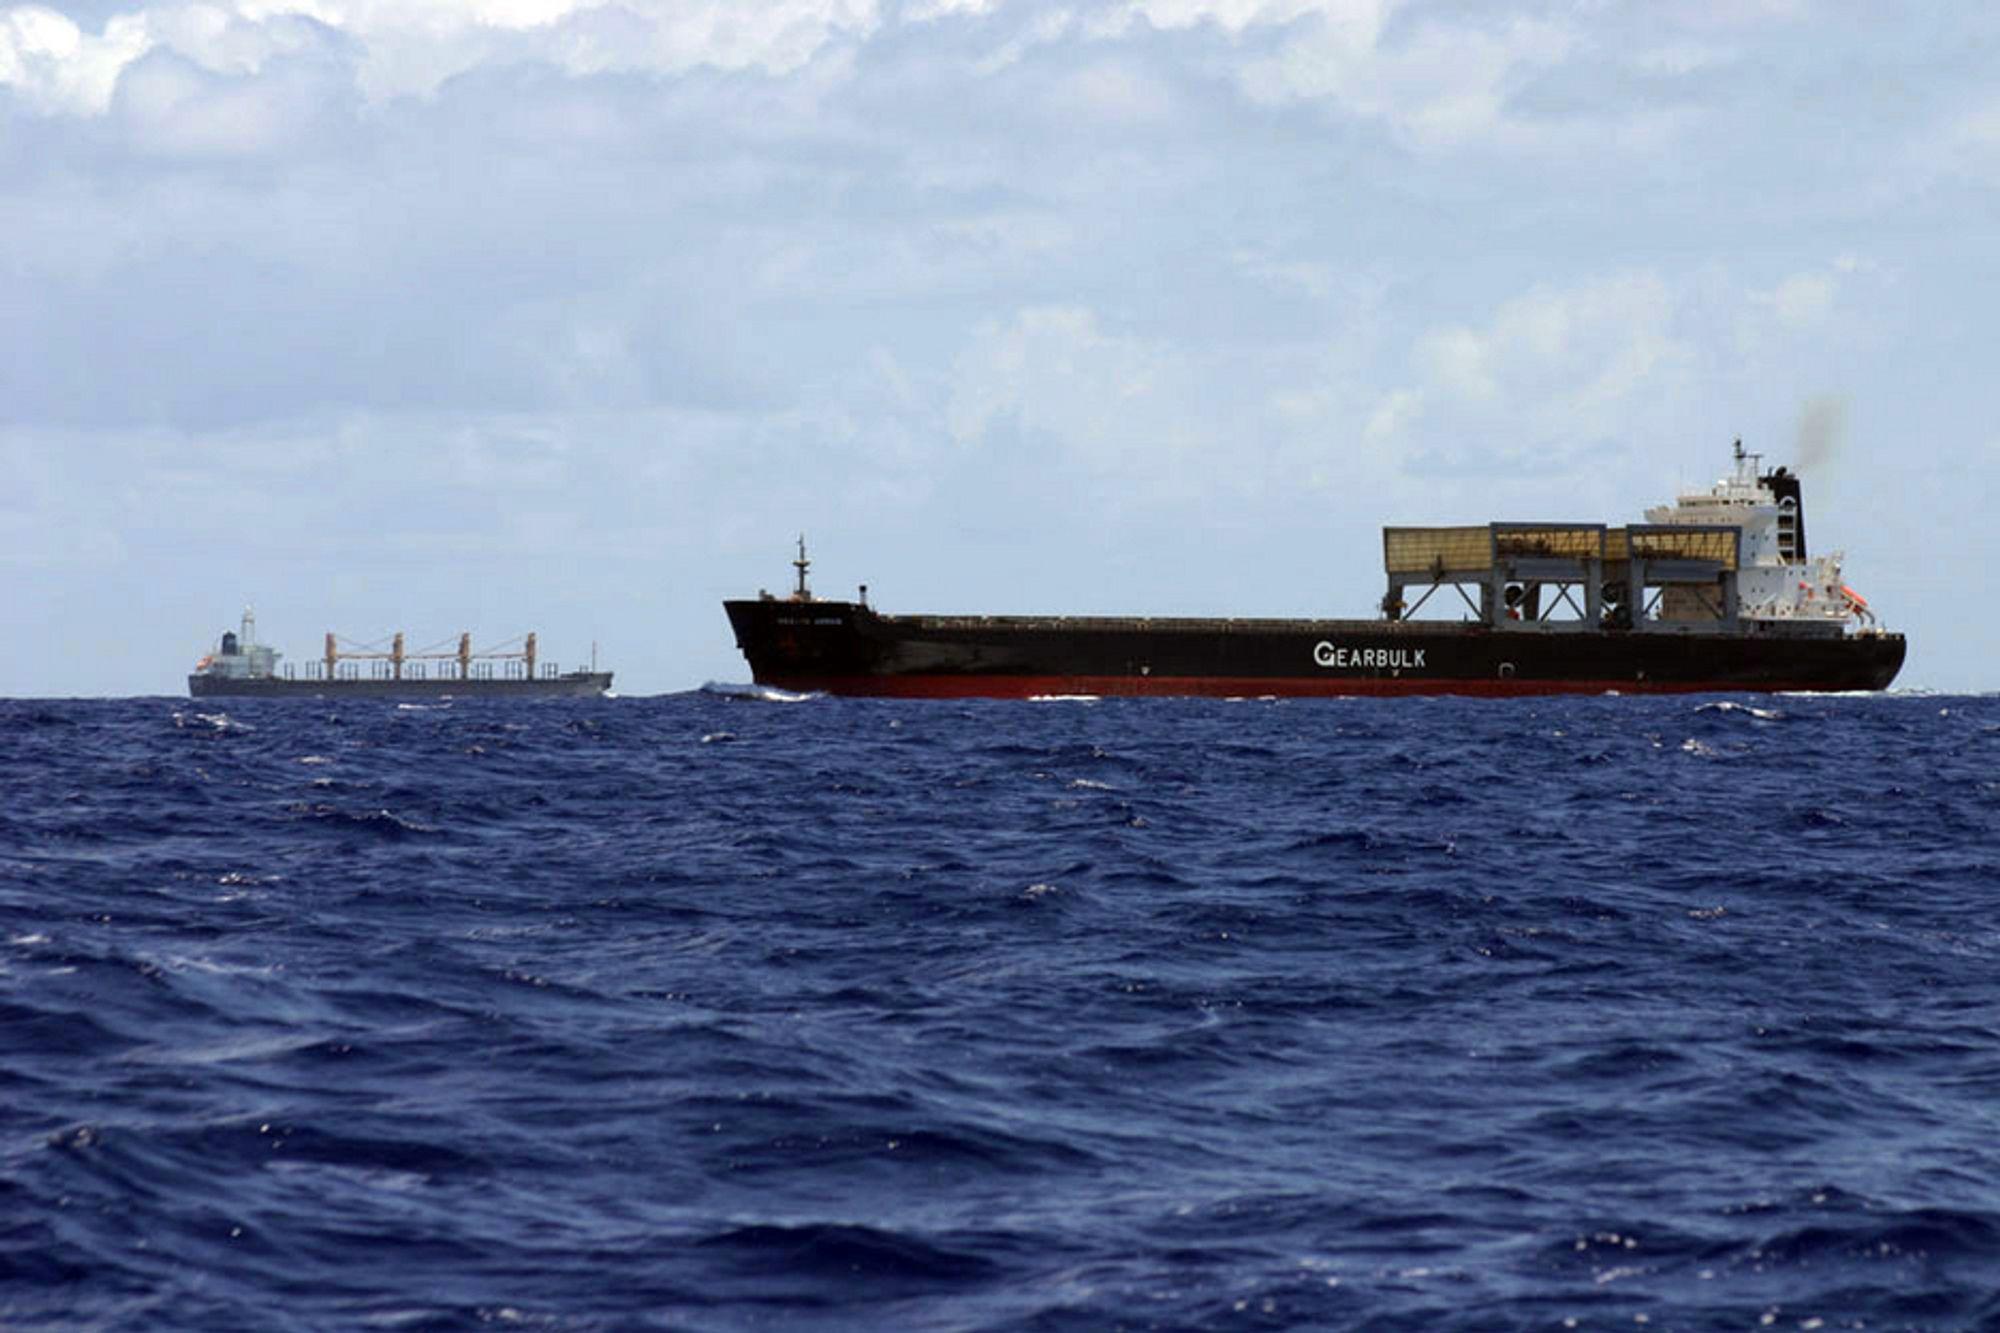 LANGTIDSCENARIER: Gearbulk er med på SSI-prosjektet som skal legge fram handlingsplan for bærekraftig skipsfart i 2040.